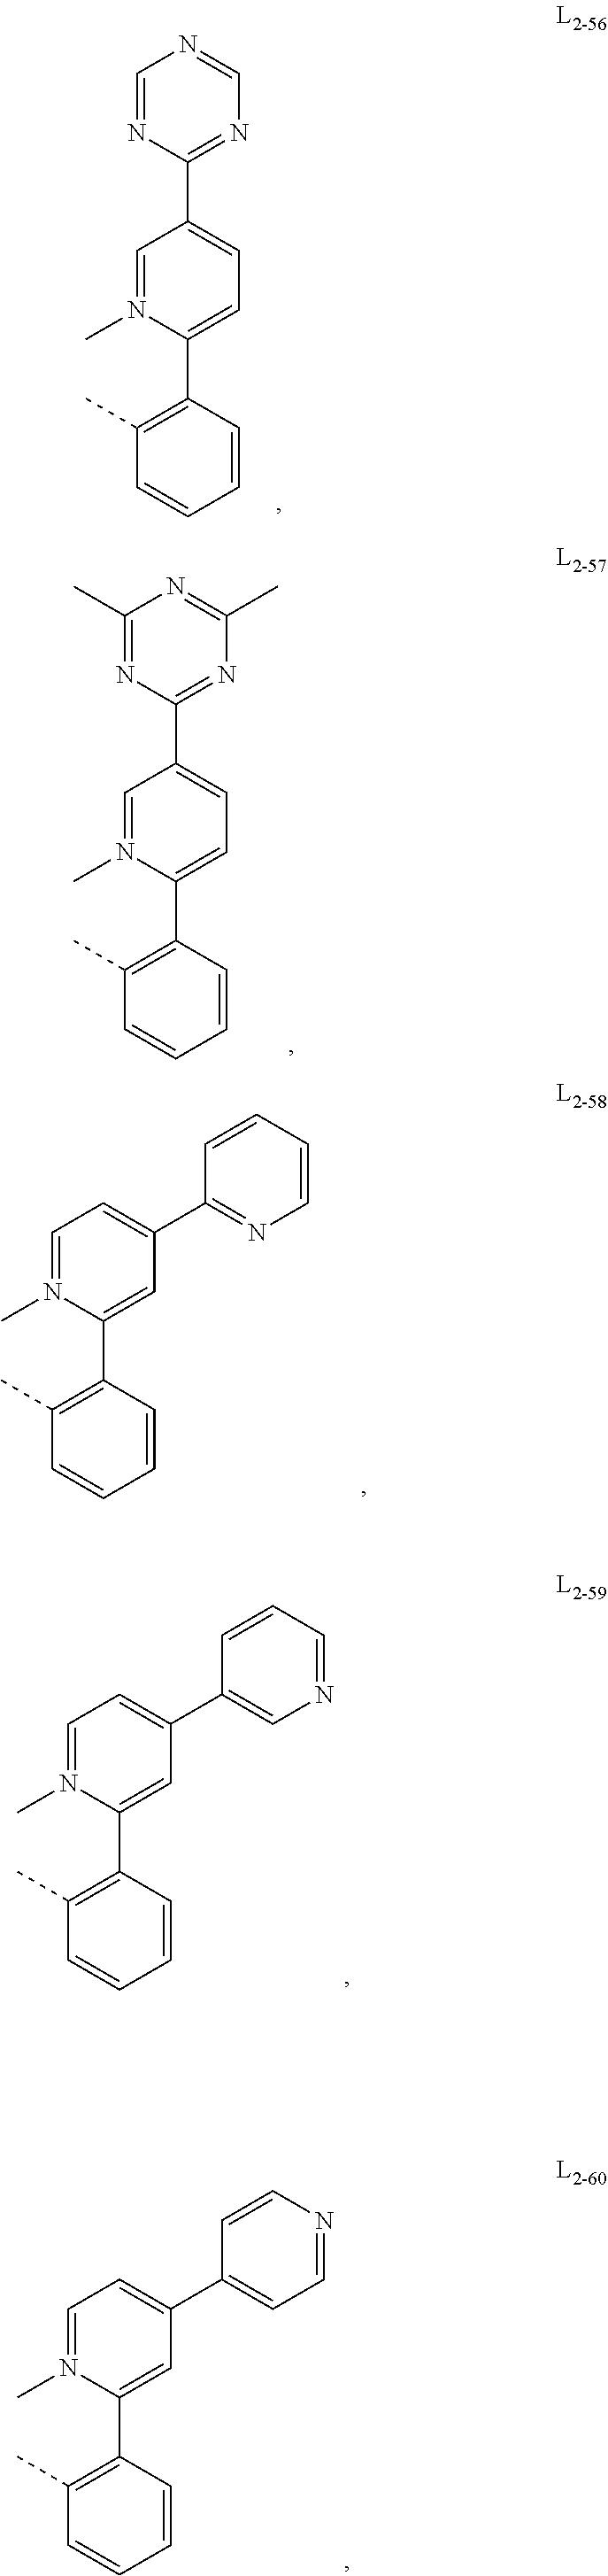 Figure US10074806-20180911-C00064